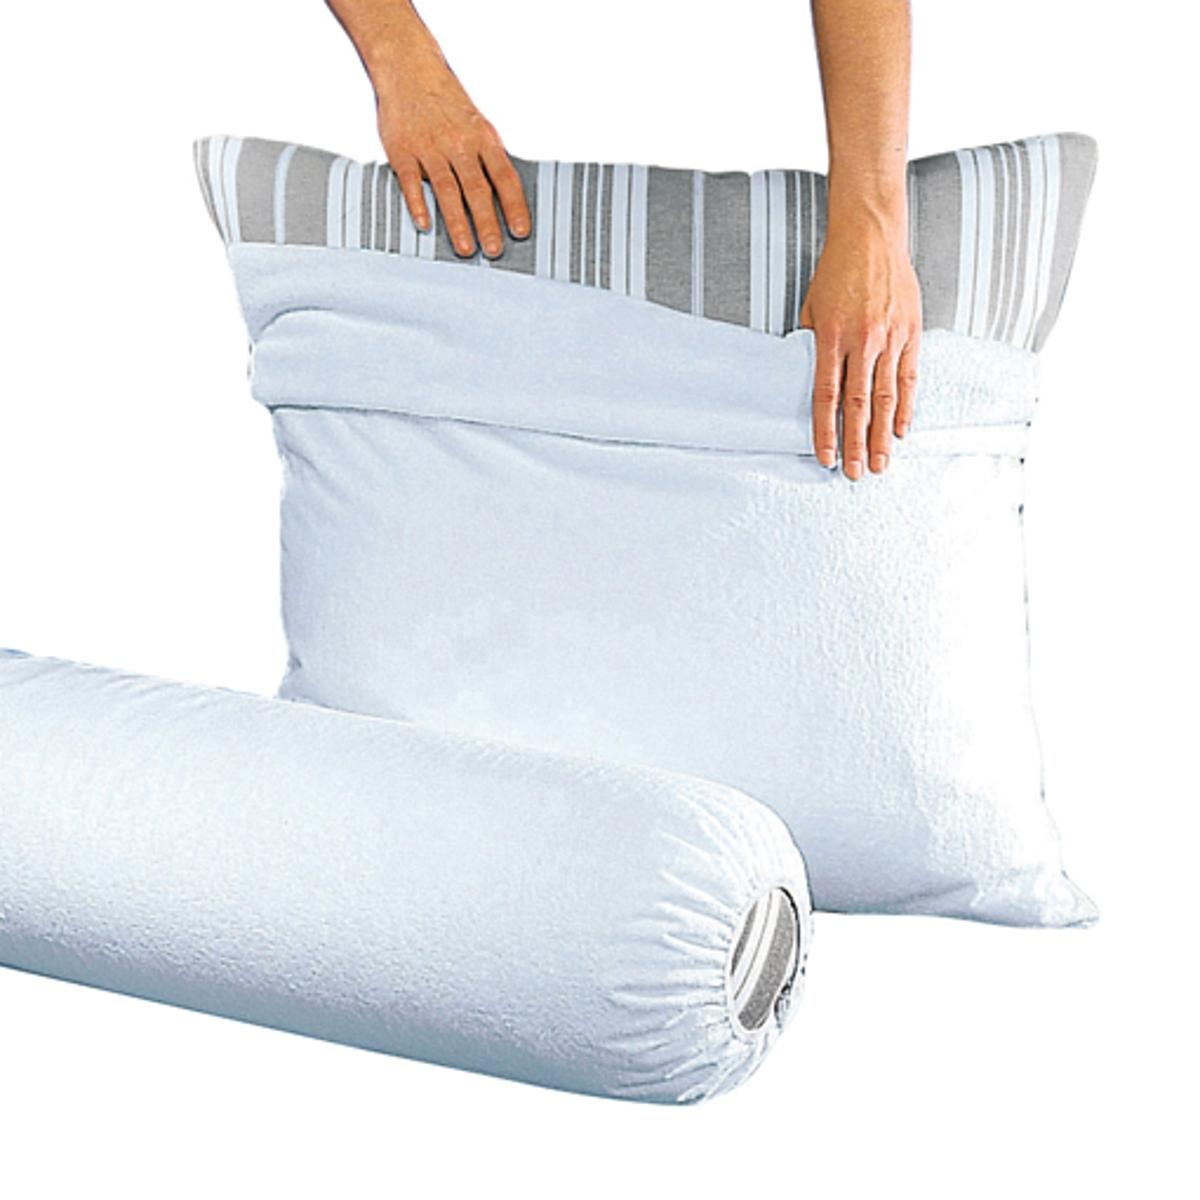 Чехол защитный на подушку из махровой ткани 400 г/м², с пропиткой из ПВХ